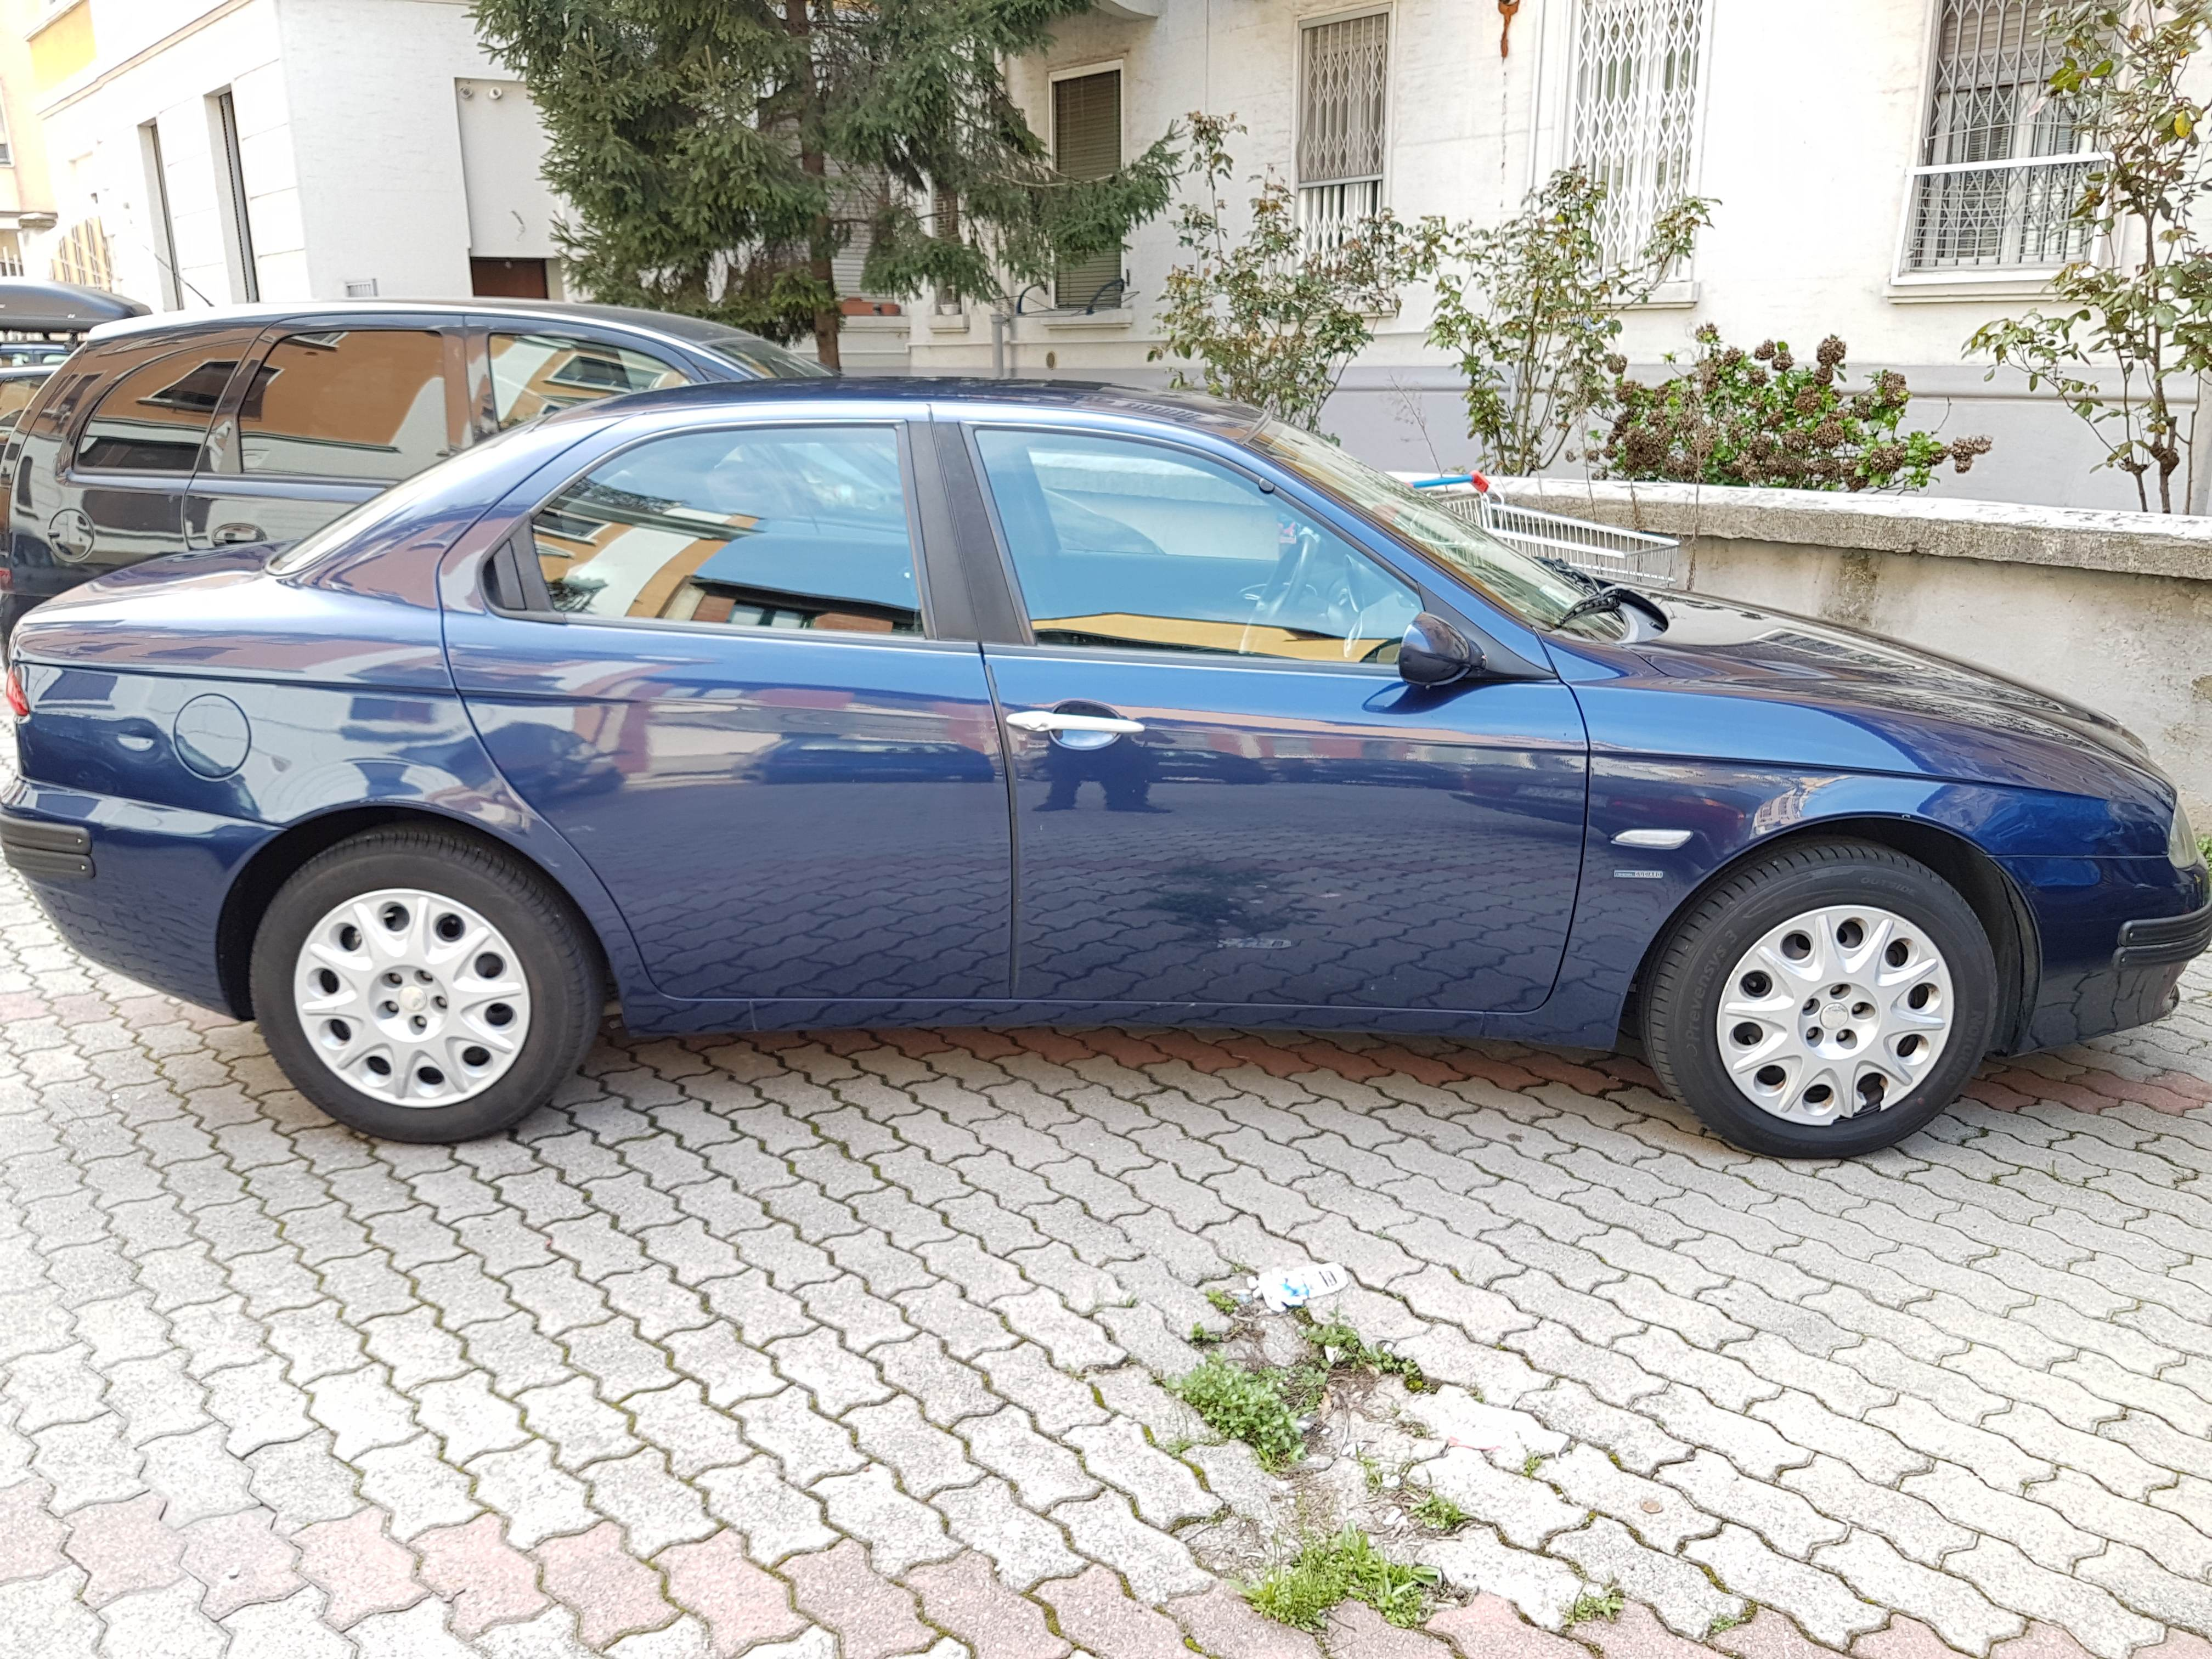 foto Alfa Romeo 156 - 1.6 TS 120cv - Blu Vela - 2003 - 6